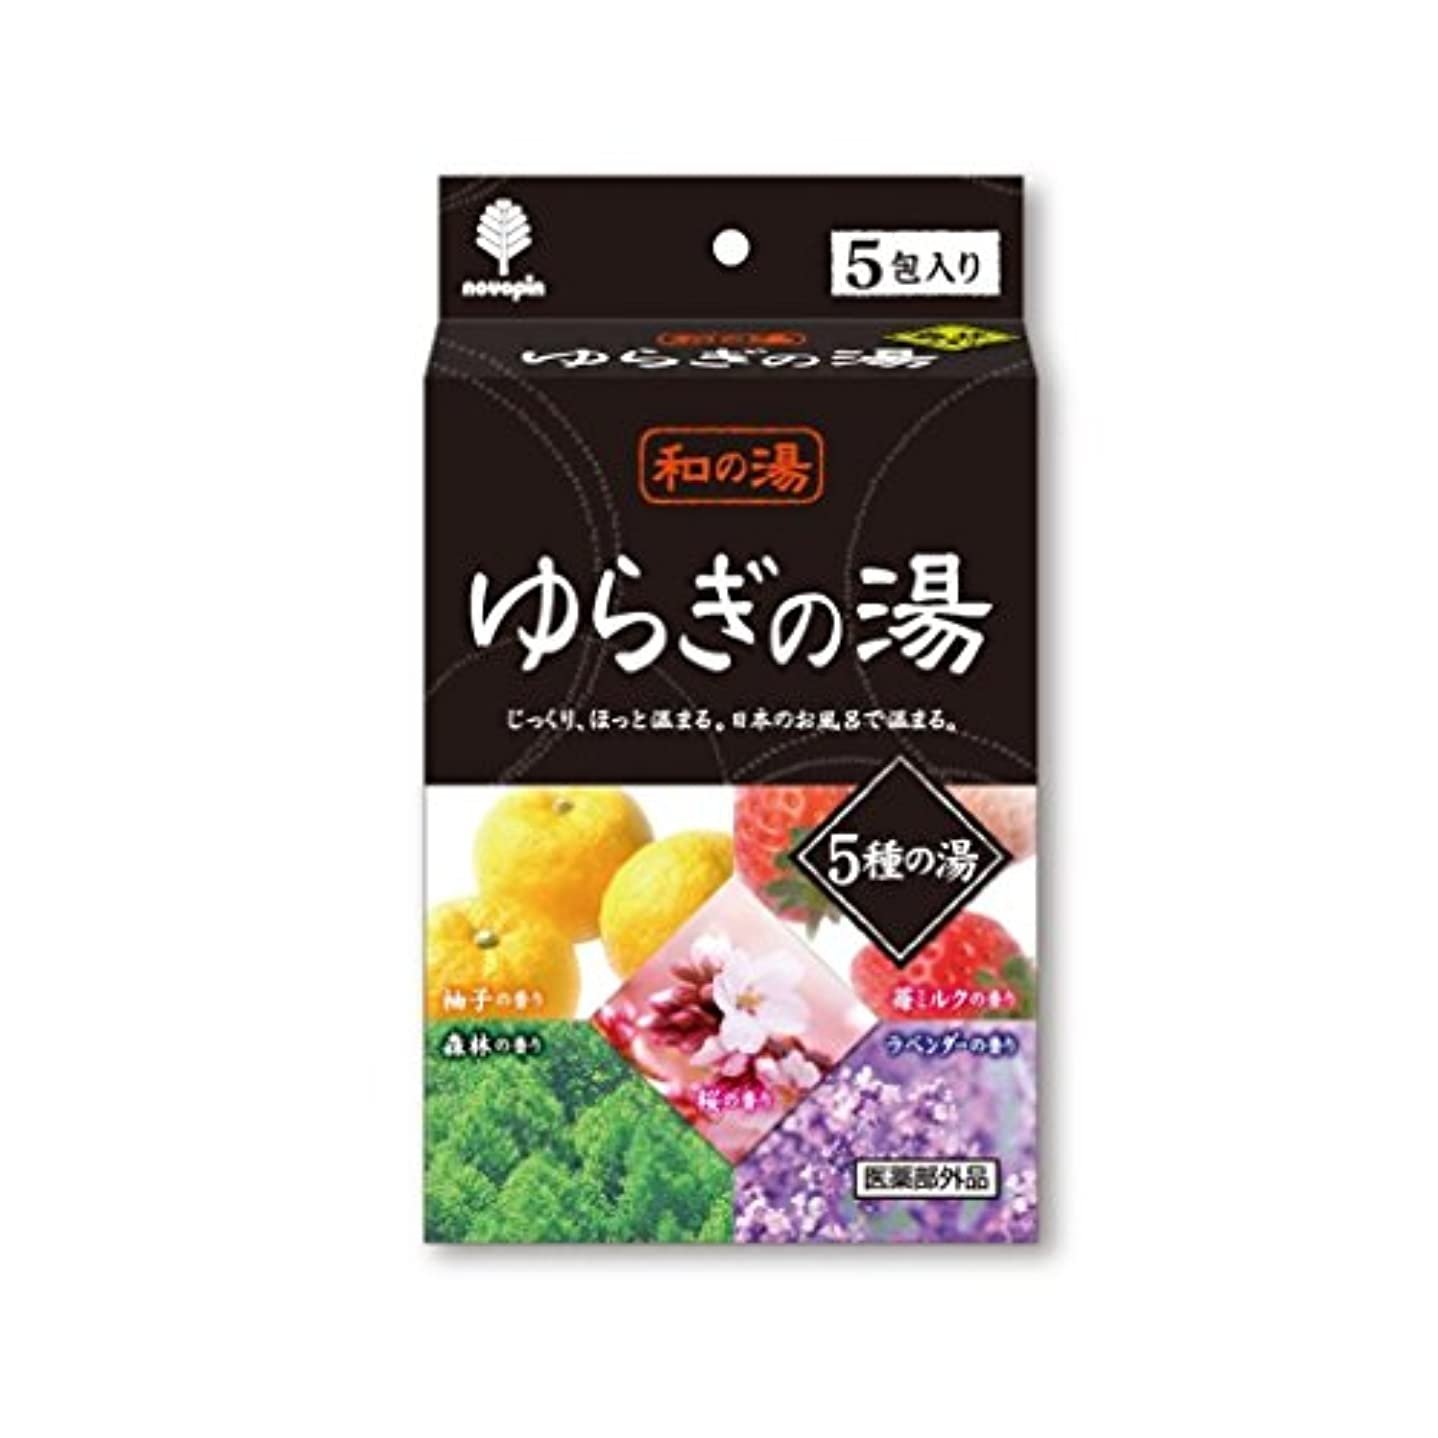 さびた内部雹紀陽除虫菊 日本製 Japan 和の湯 ゆらぎの湯 5種の湯 25g×5包入 【まとめ買い10個セット】